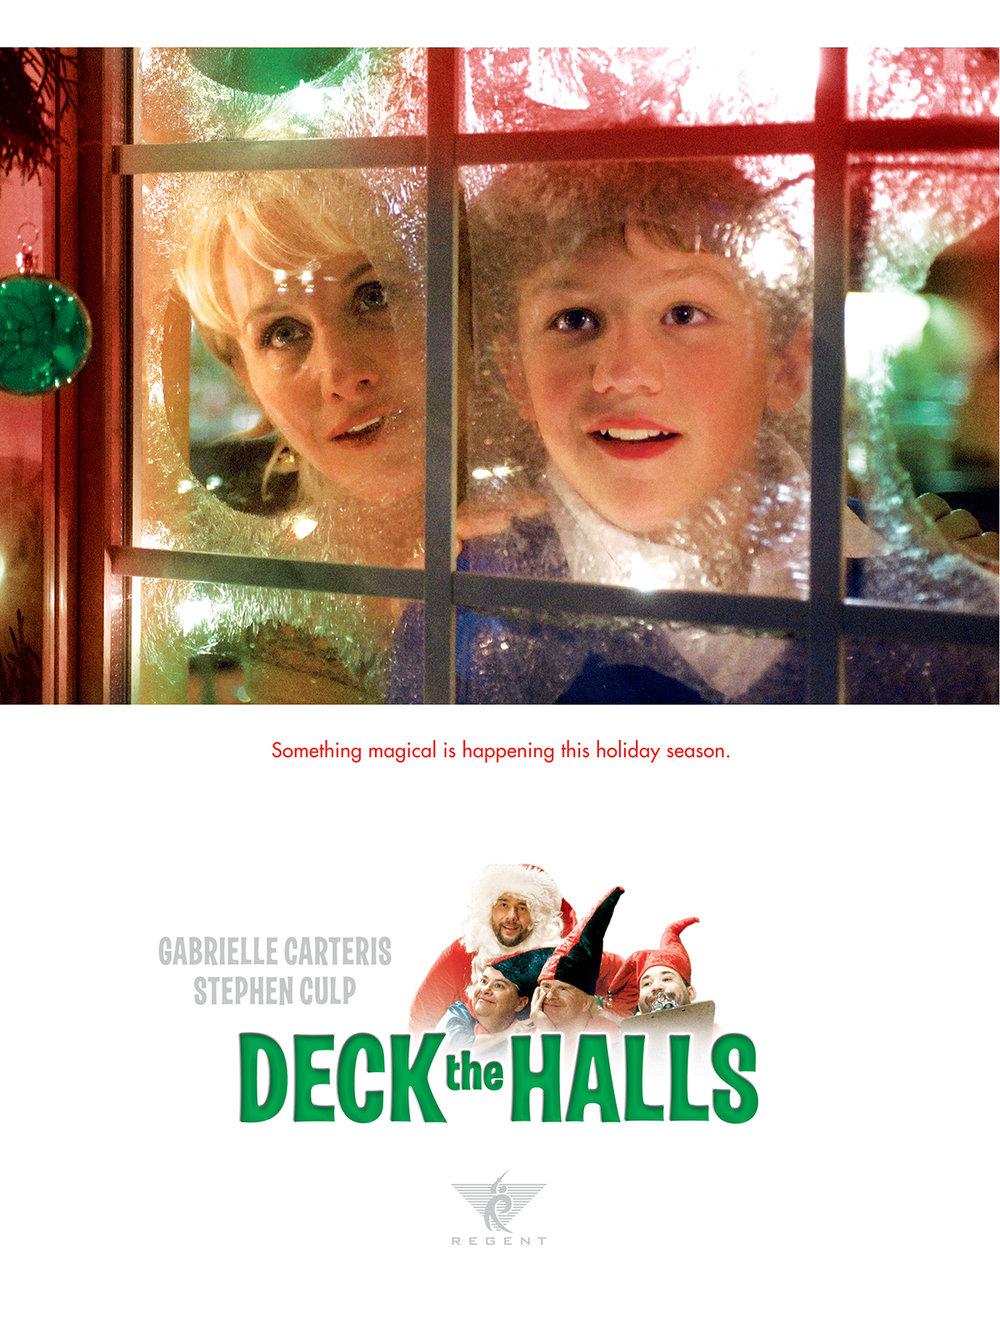 Here-DeckTheHalls-Full-Image-en-US.jpg